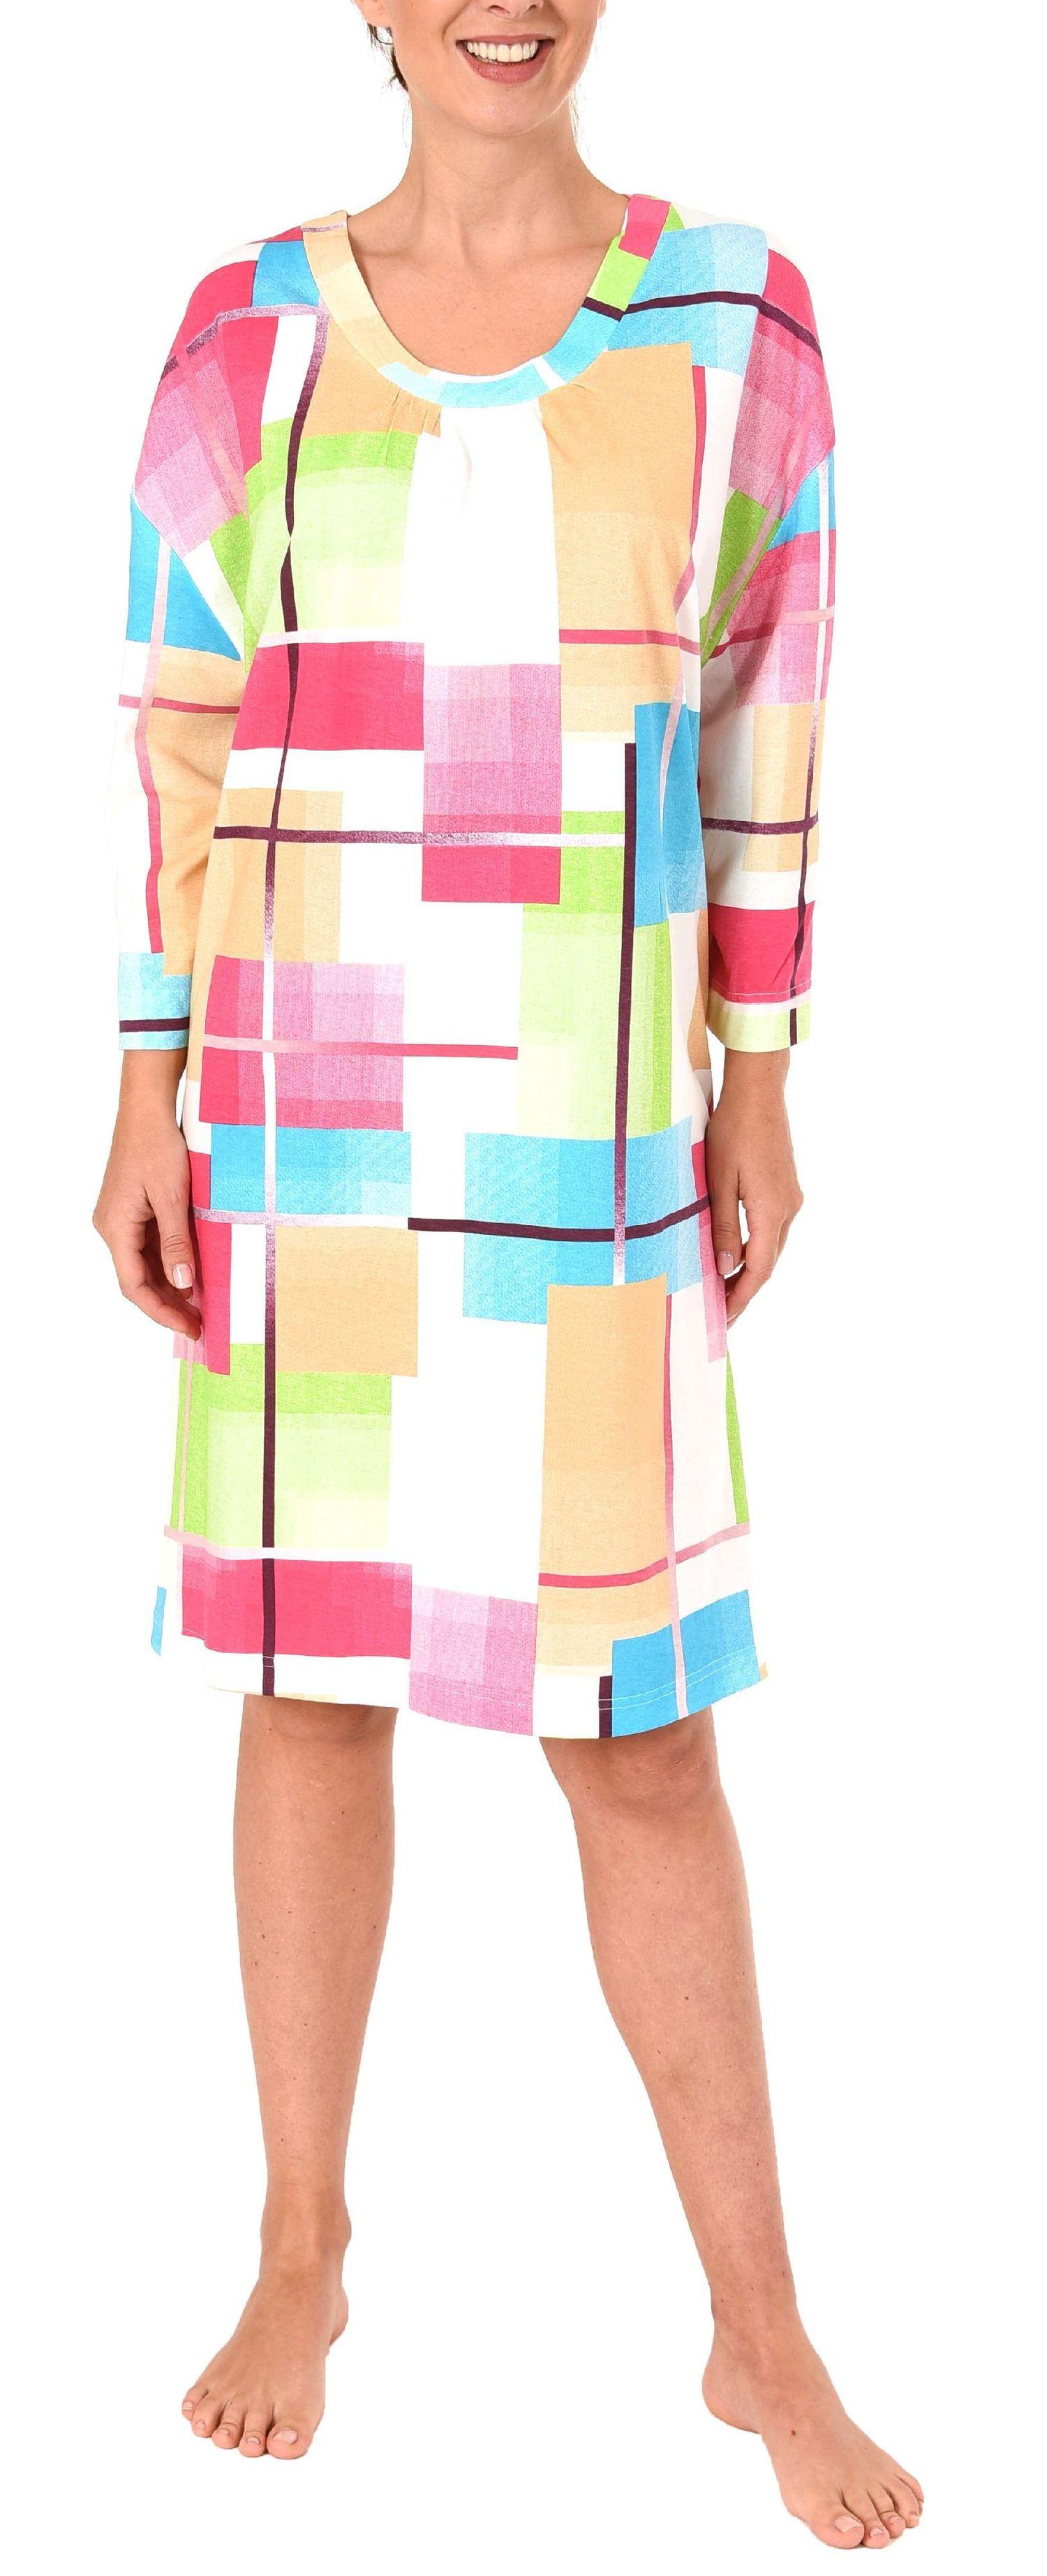 hot sale online b09a5 d152f Schönes Nachthemd für Damen, Bigshirt kurzarm in Übergrößen ...